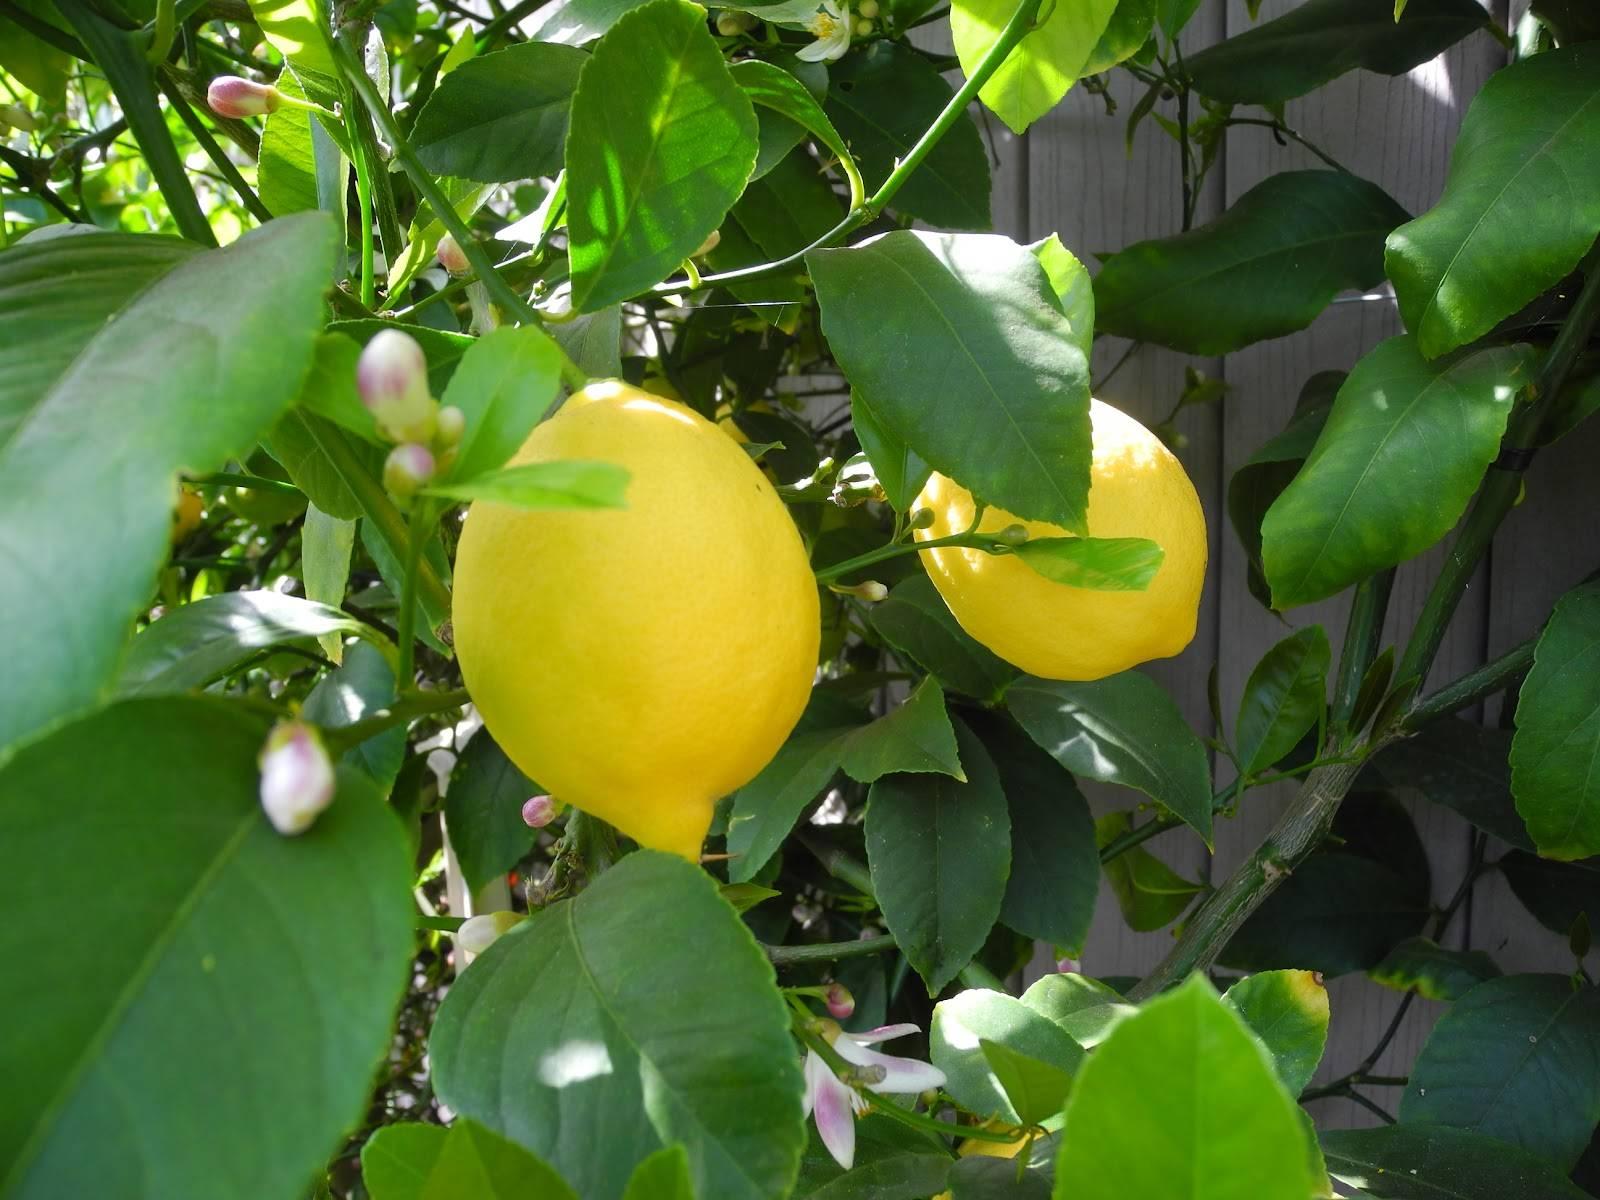 agr limone